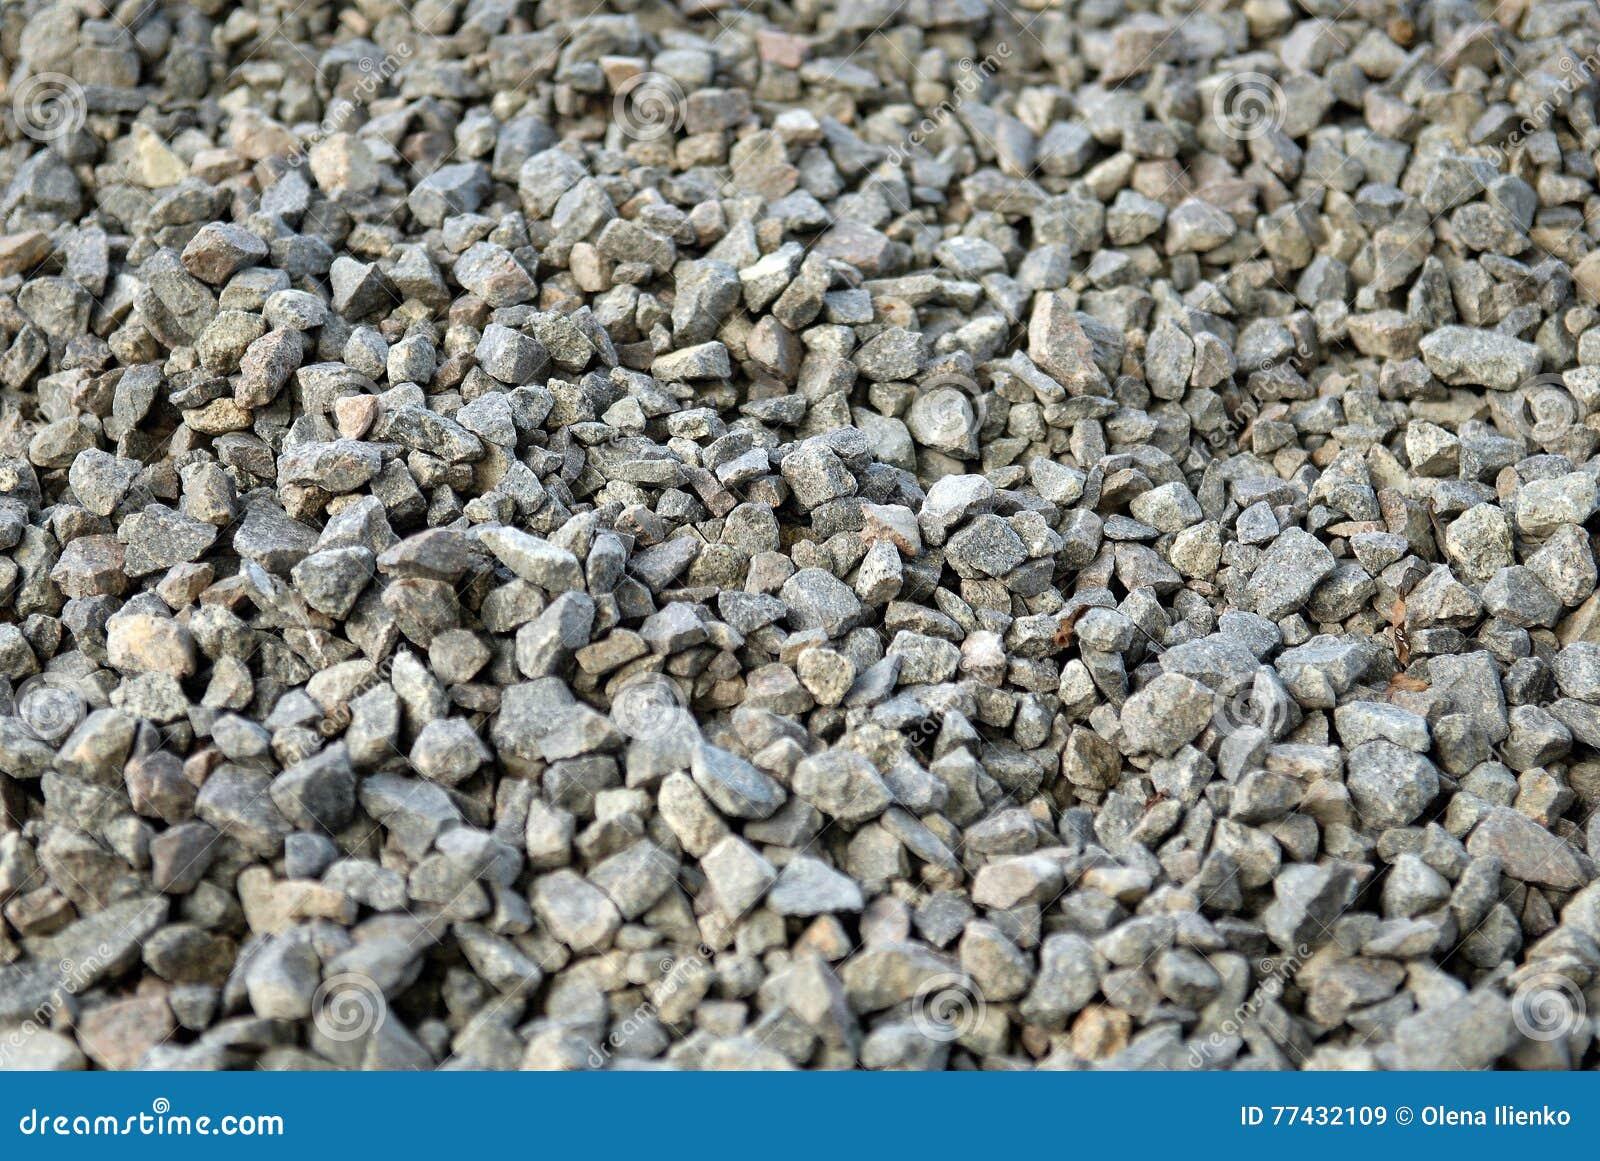 Texture de gravier de granit mat riaux de construction image stock image 77432109 - Prix gravier carriere ...